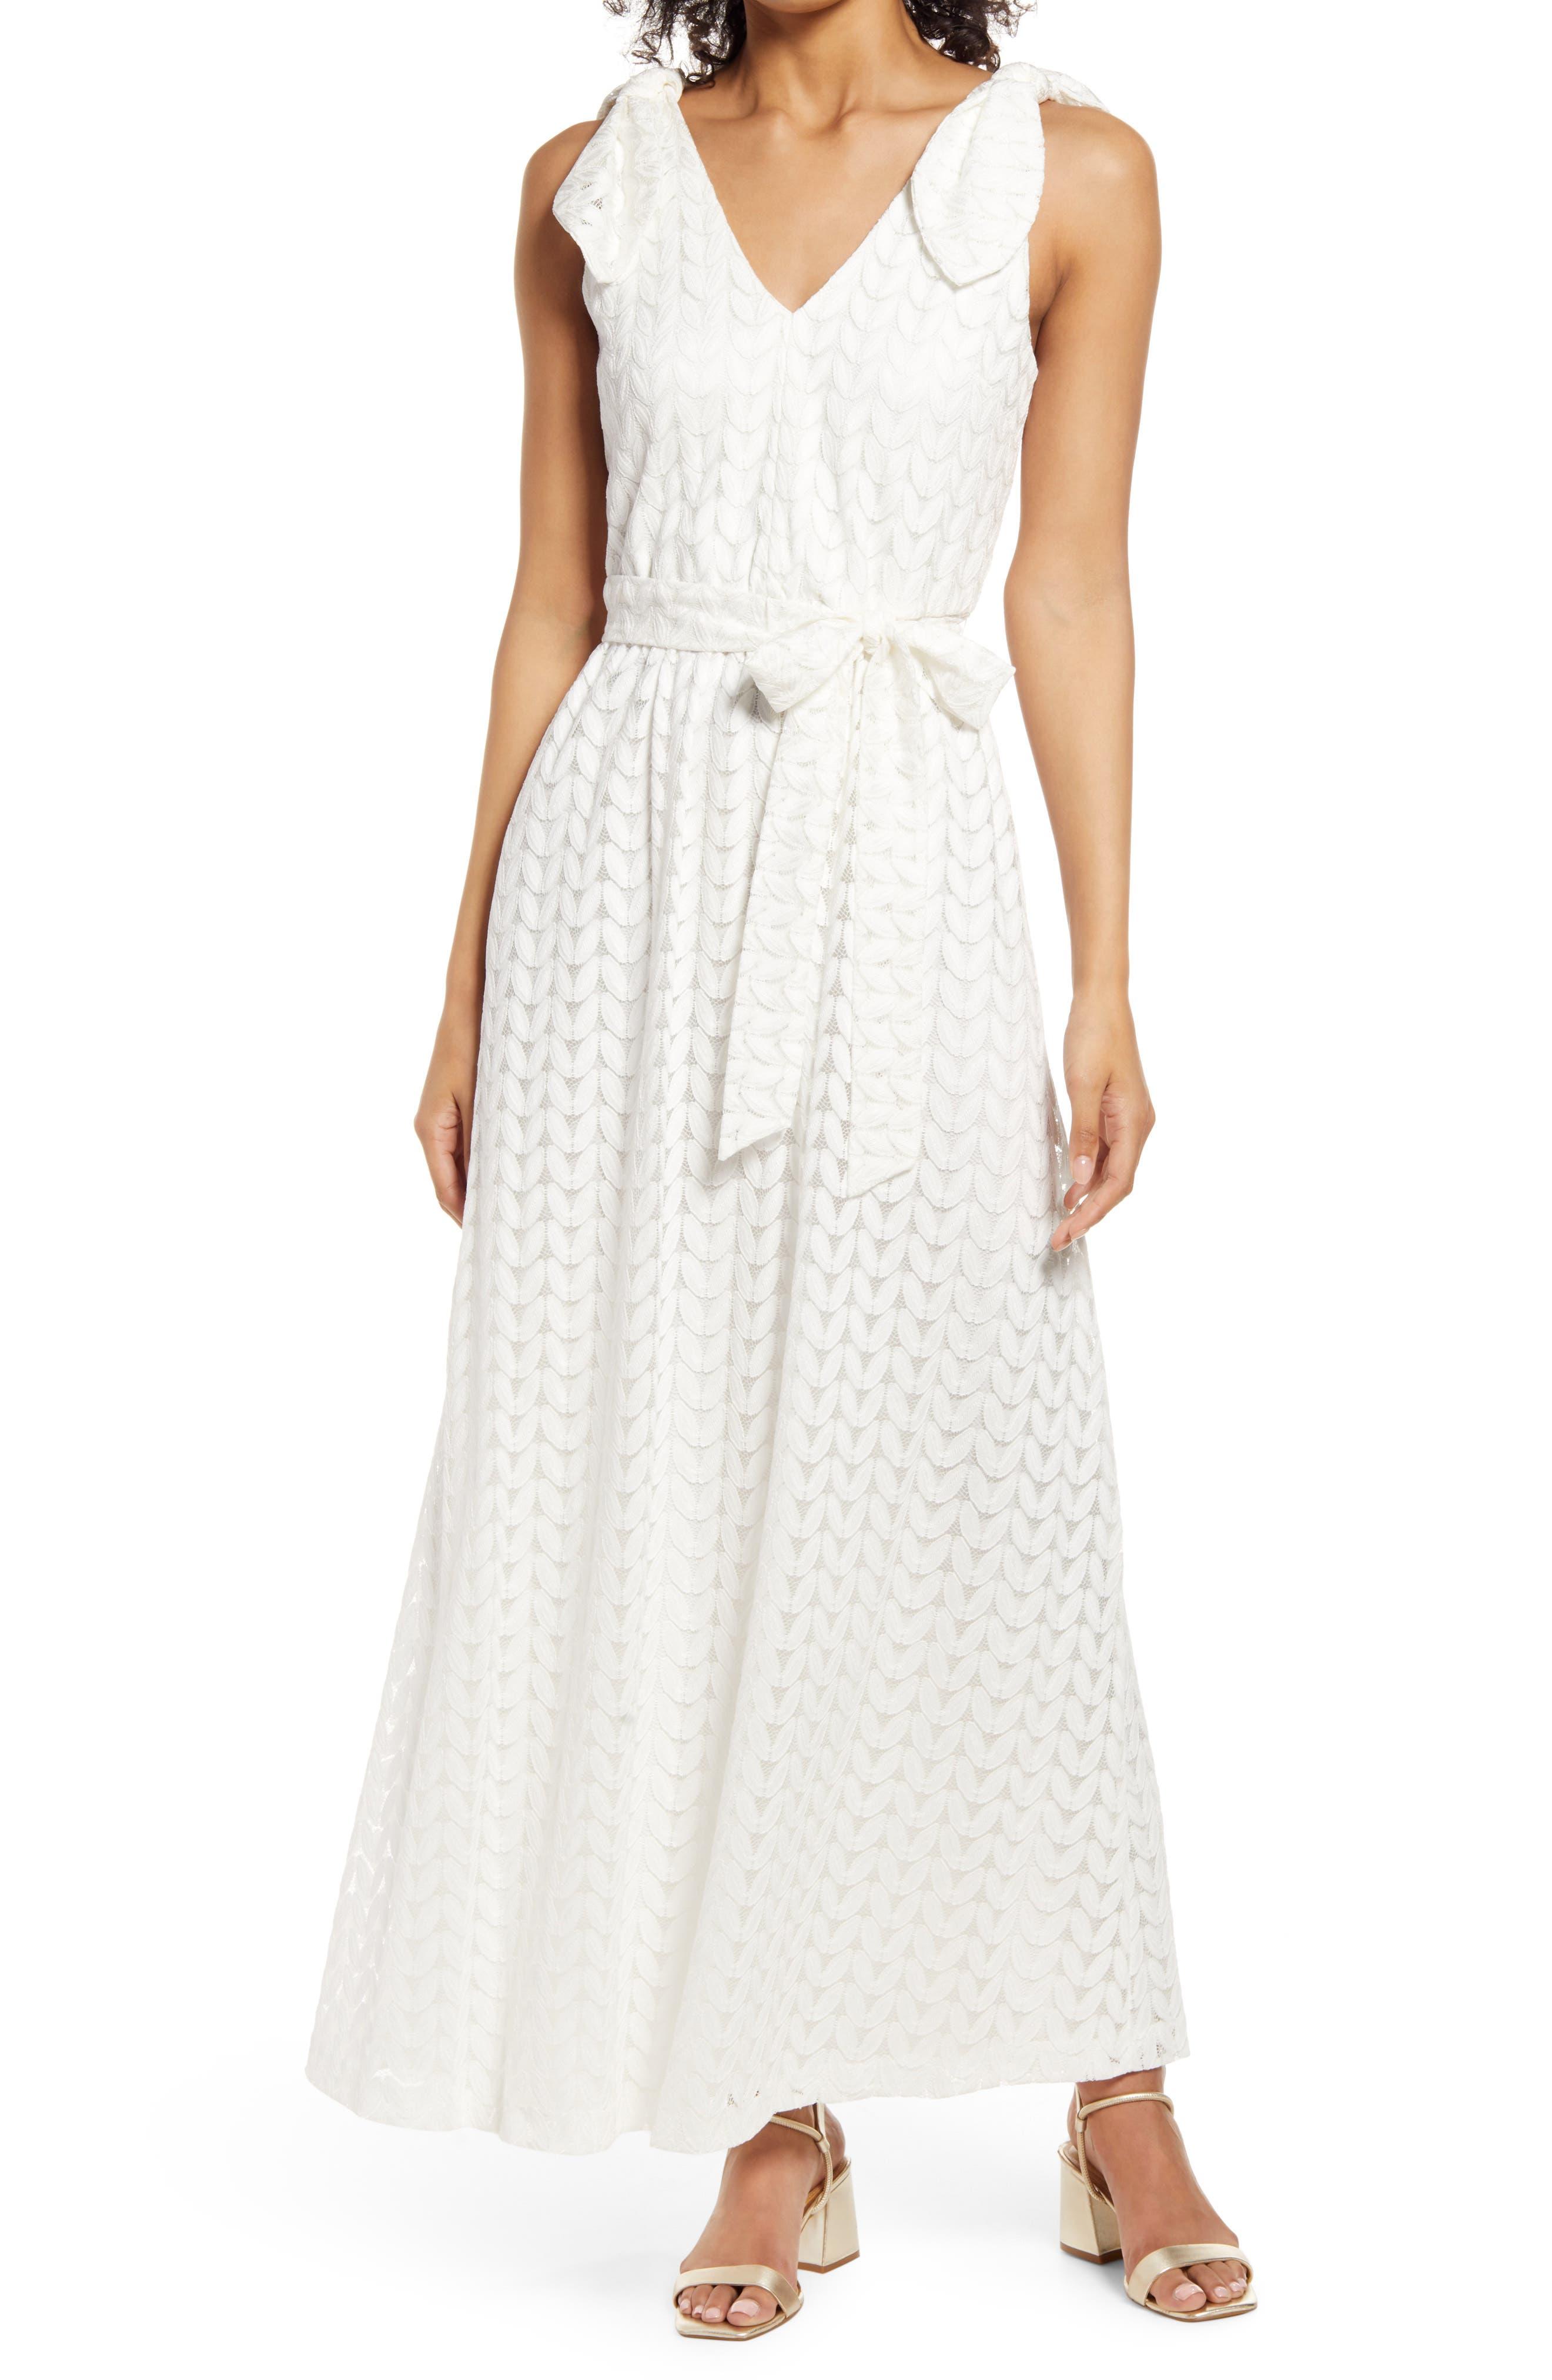 Bow Shoulder Belted Lace Dress